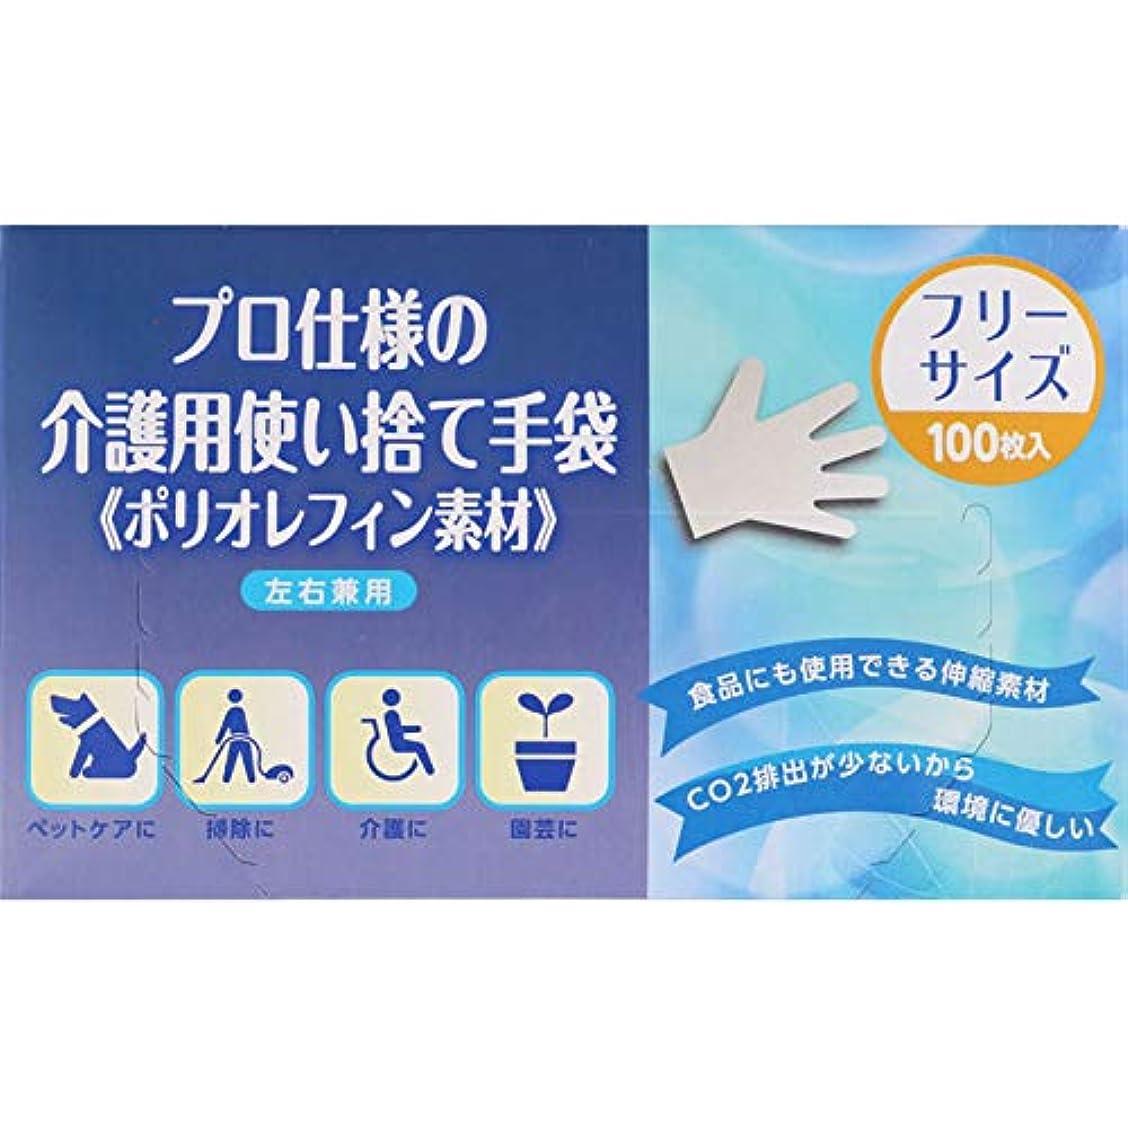 断片エントリ野心的【5個セット】プロ仕様の介護用使い捨て手袋《ポリオレフィン素材》 100枚